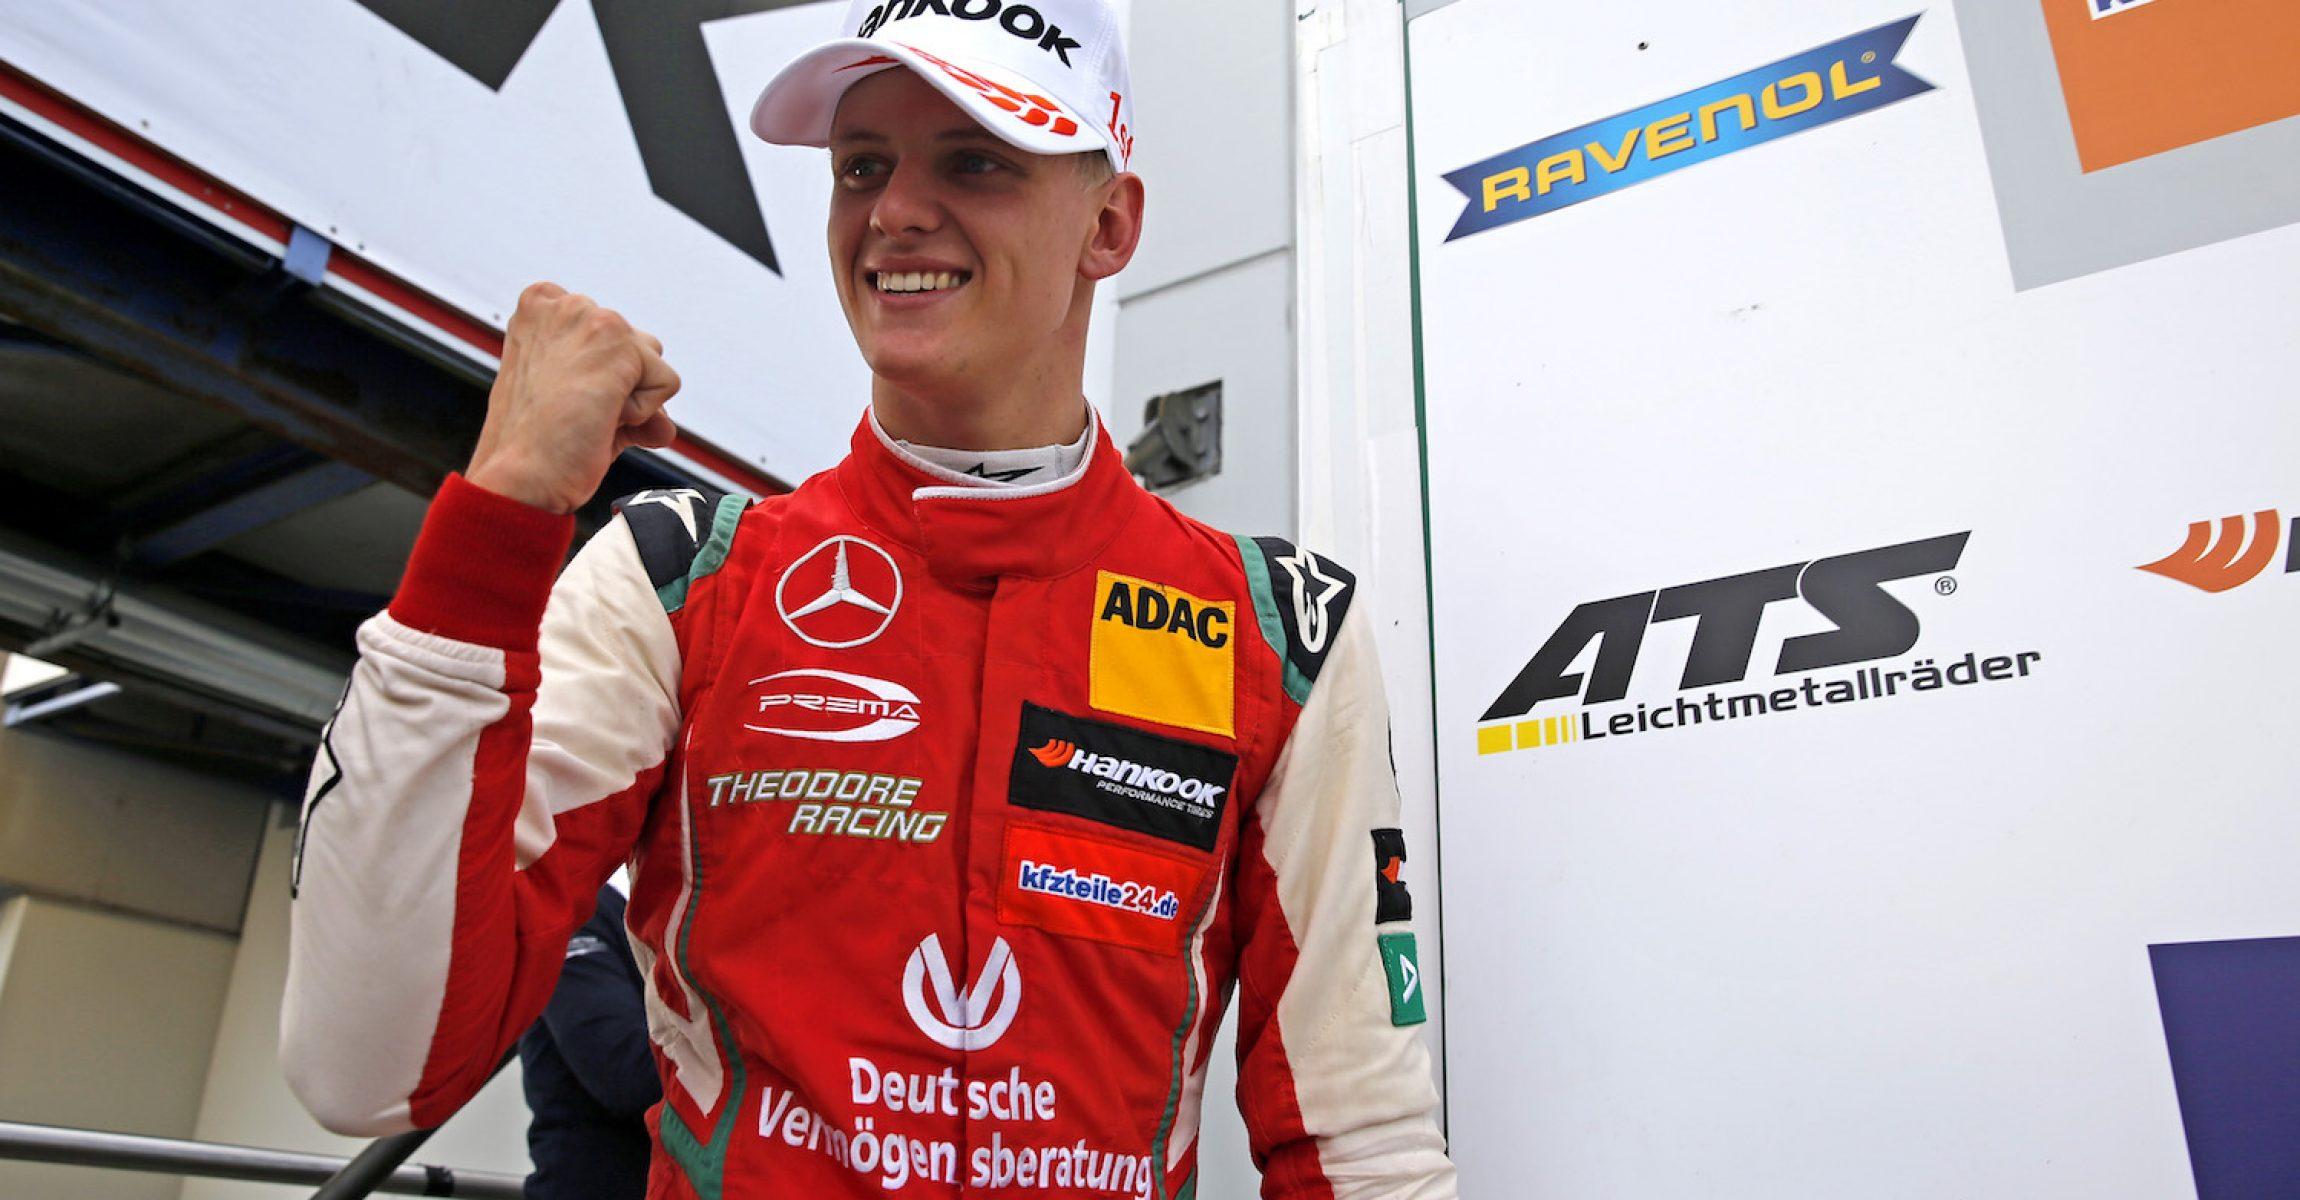 Fotó: FIA F3